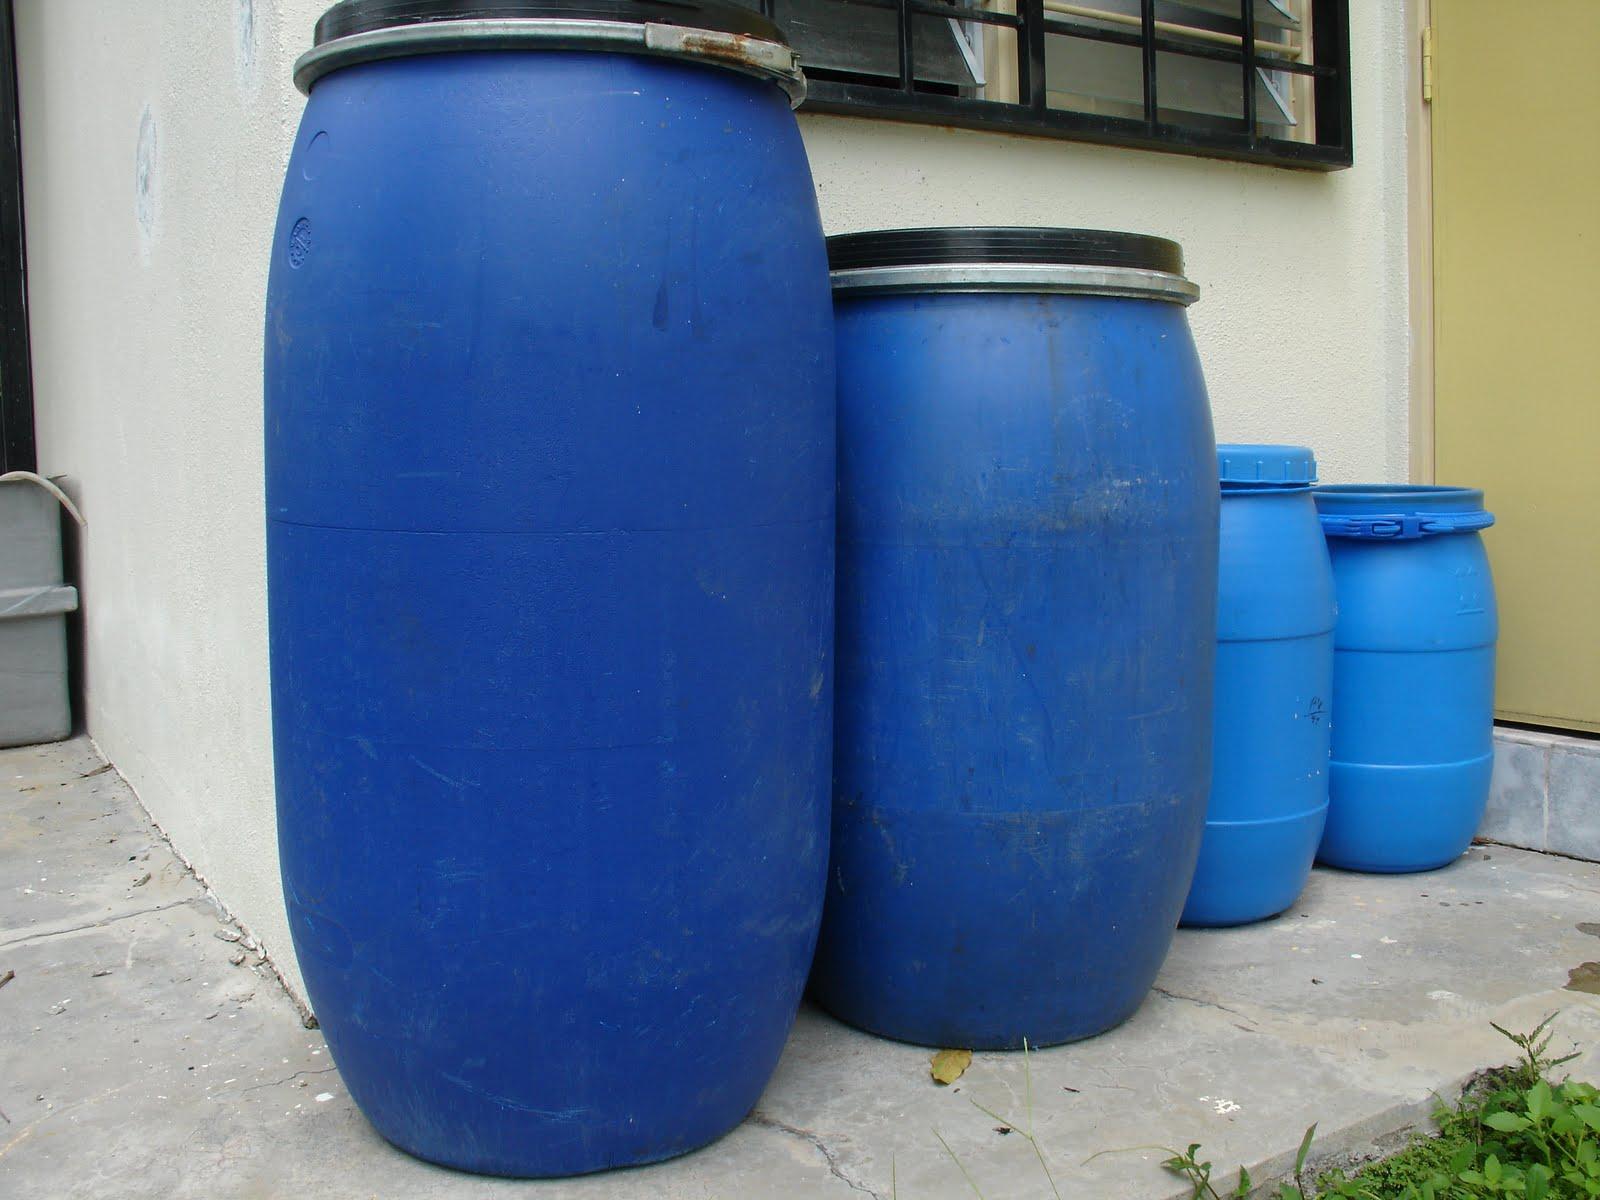 Tong Simpanan Air Amat Sesuai Untuk Simpanan Air